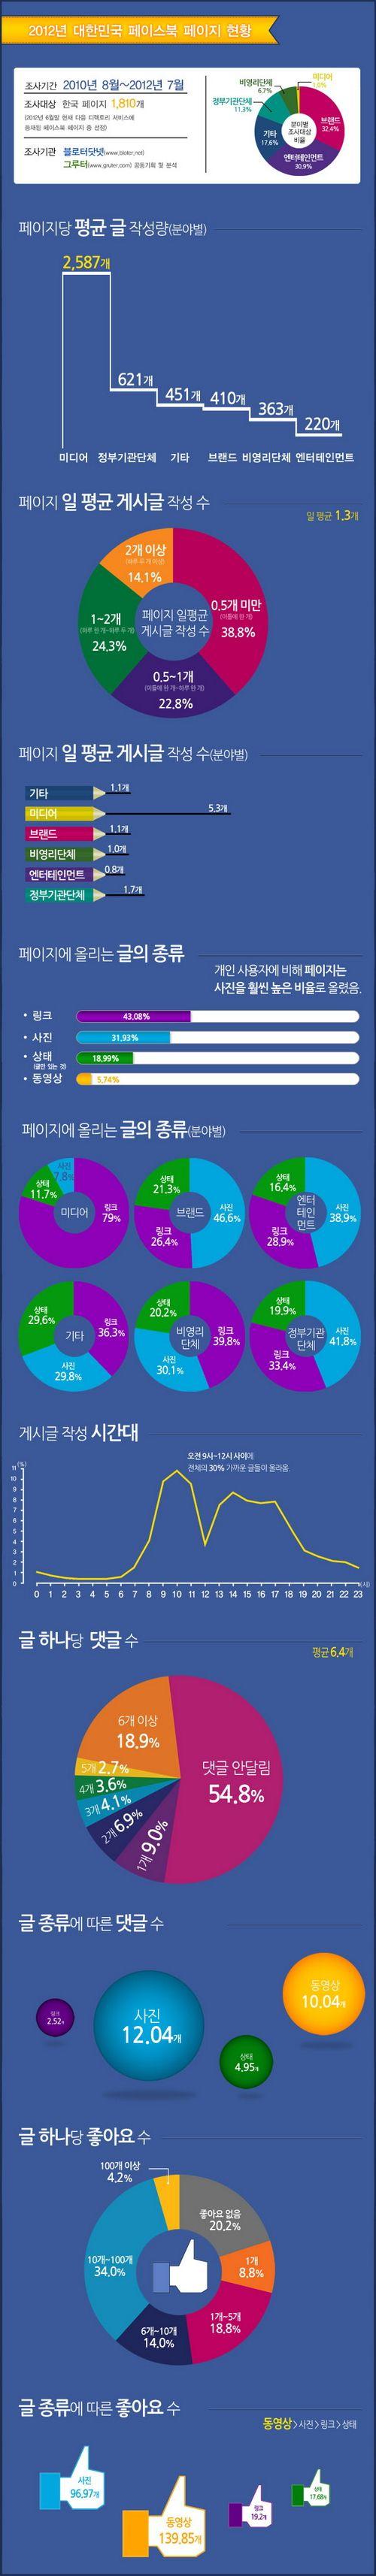 [인포그래픽] 기업·정부·NGO 페이스북 활동 지수 | Bloter.net